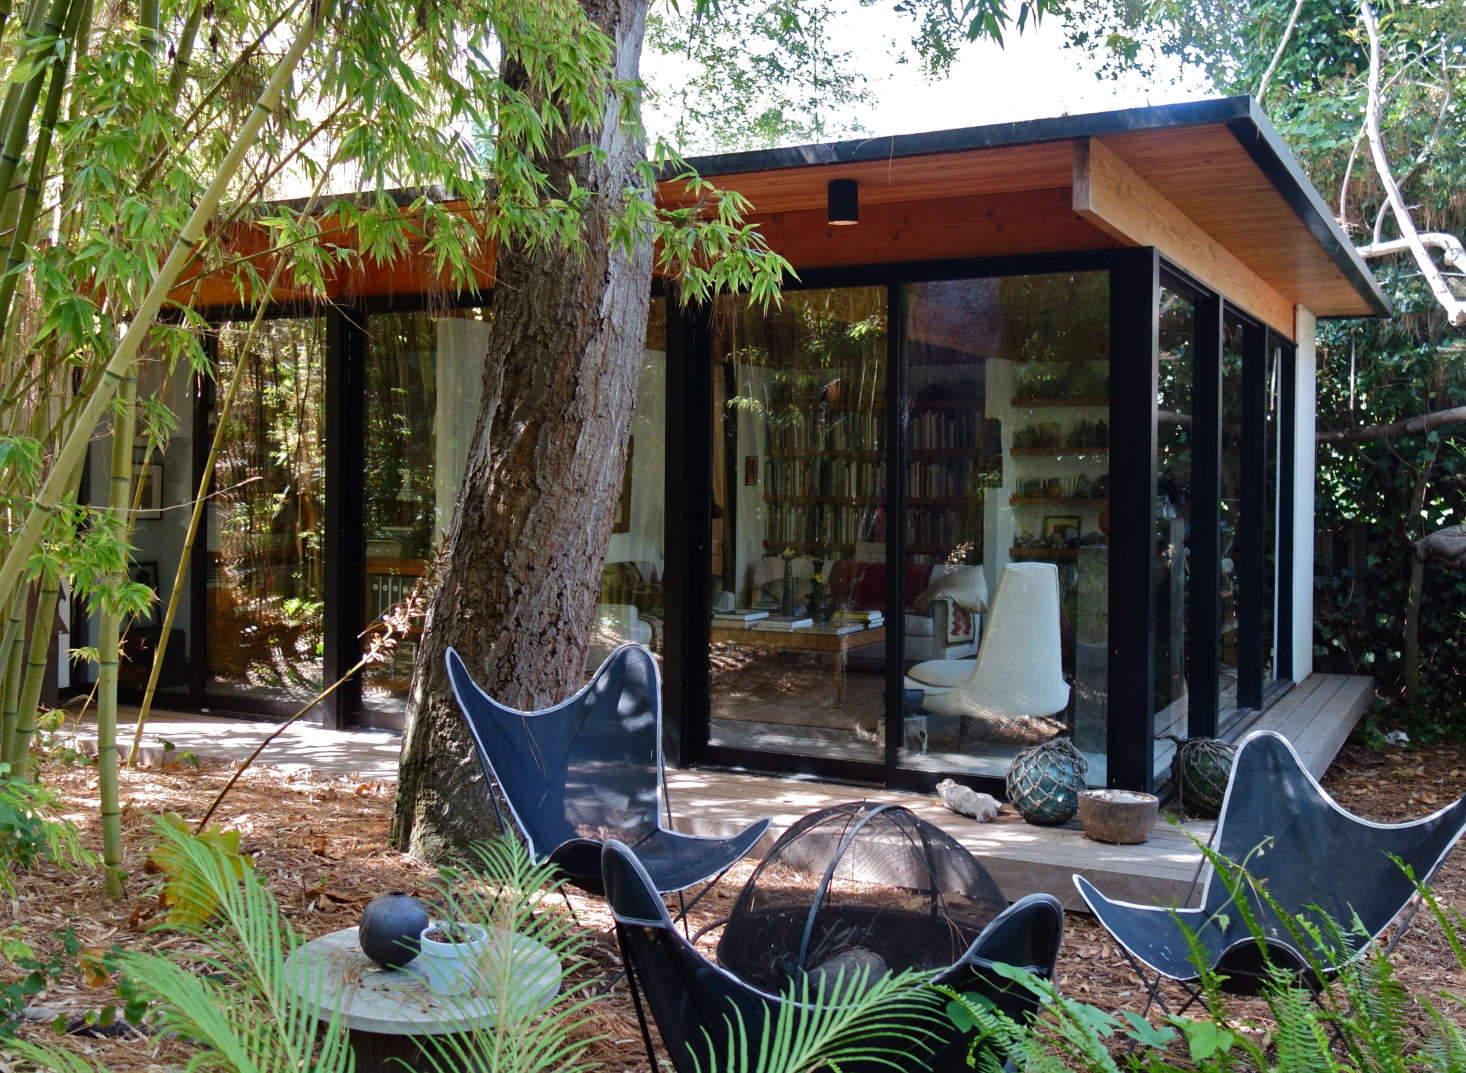 Studio, Santa Monica: I designed this studio in homage to Ellwood&#8